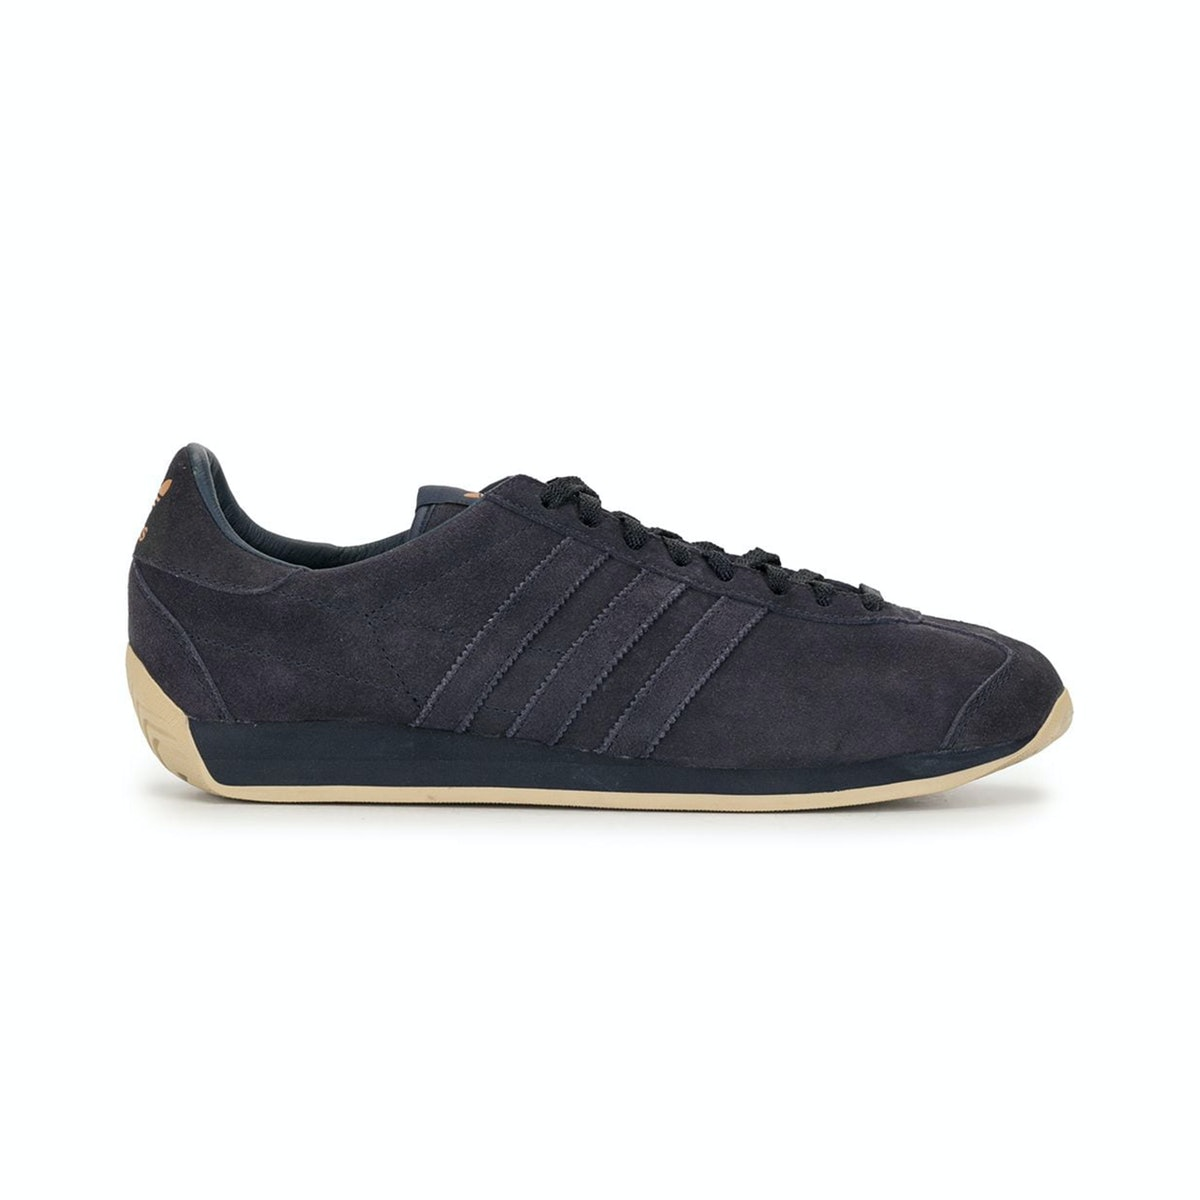 Khaite x Adidas Originals Country OG Sneakers